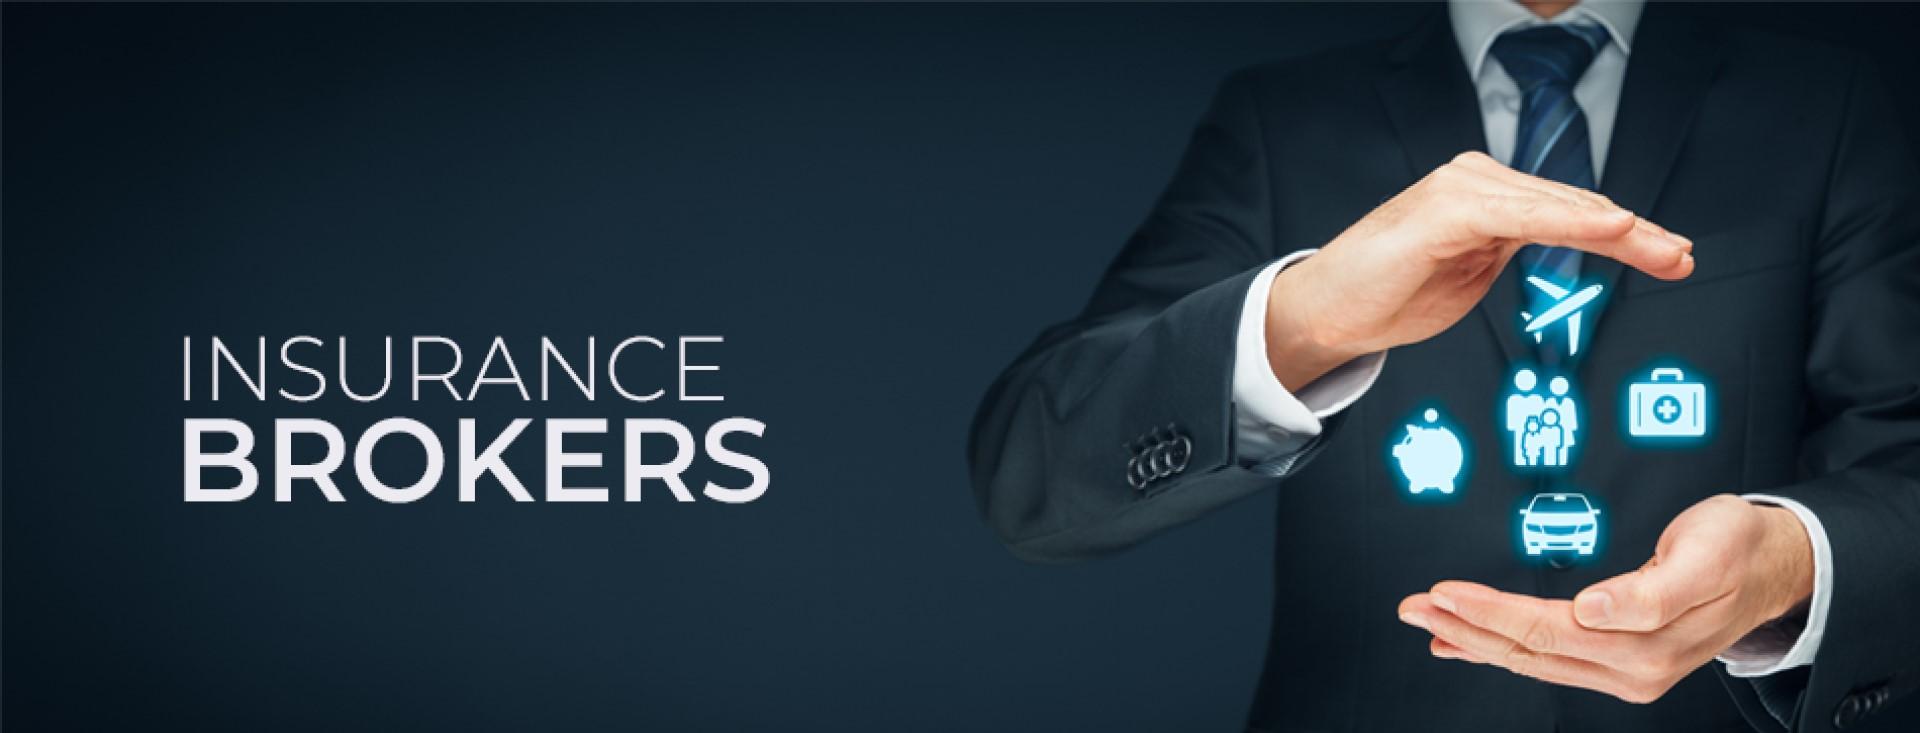 Holfin Insurance Broker